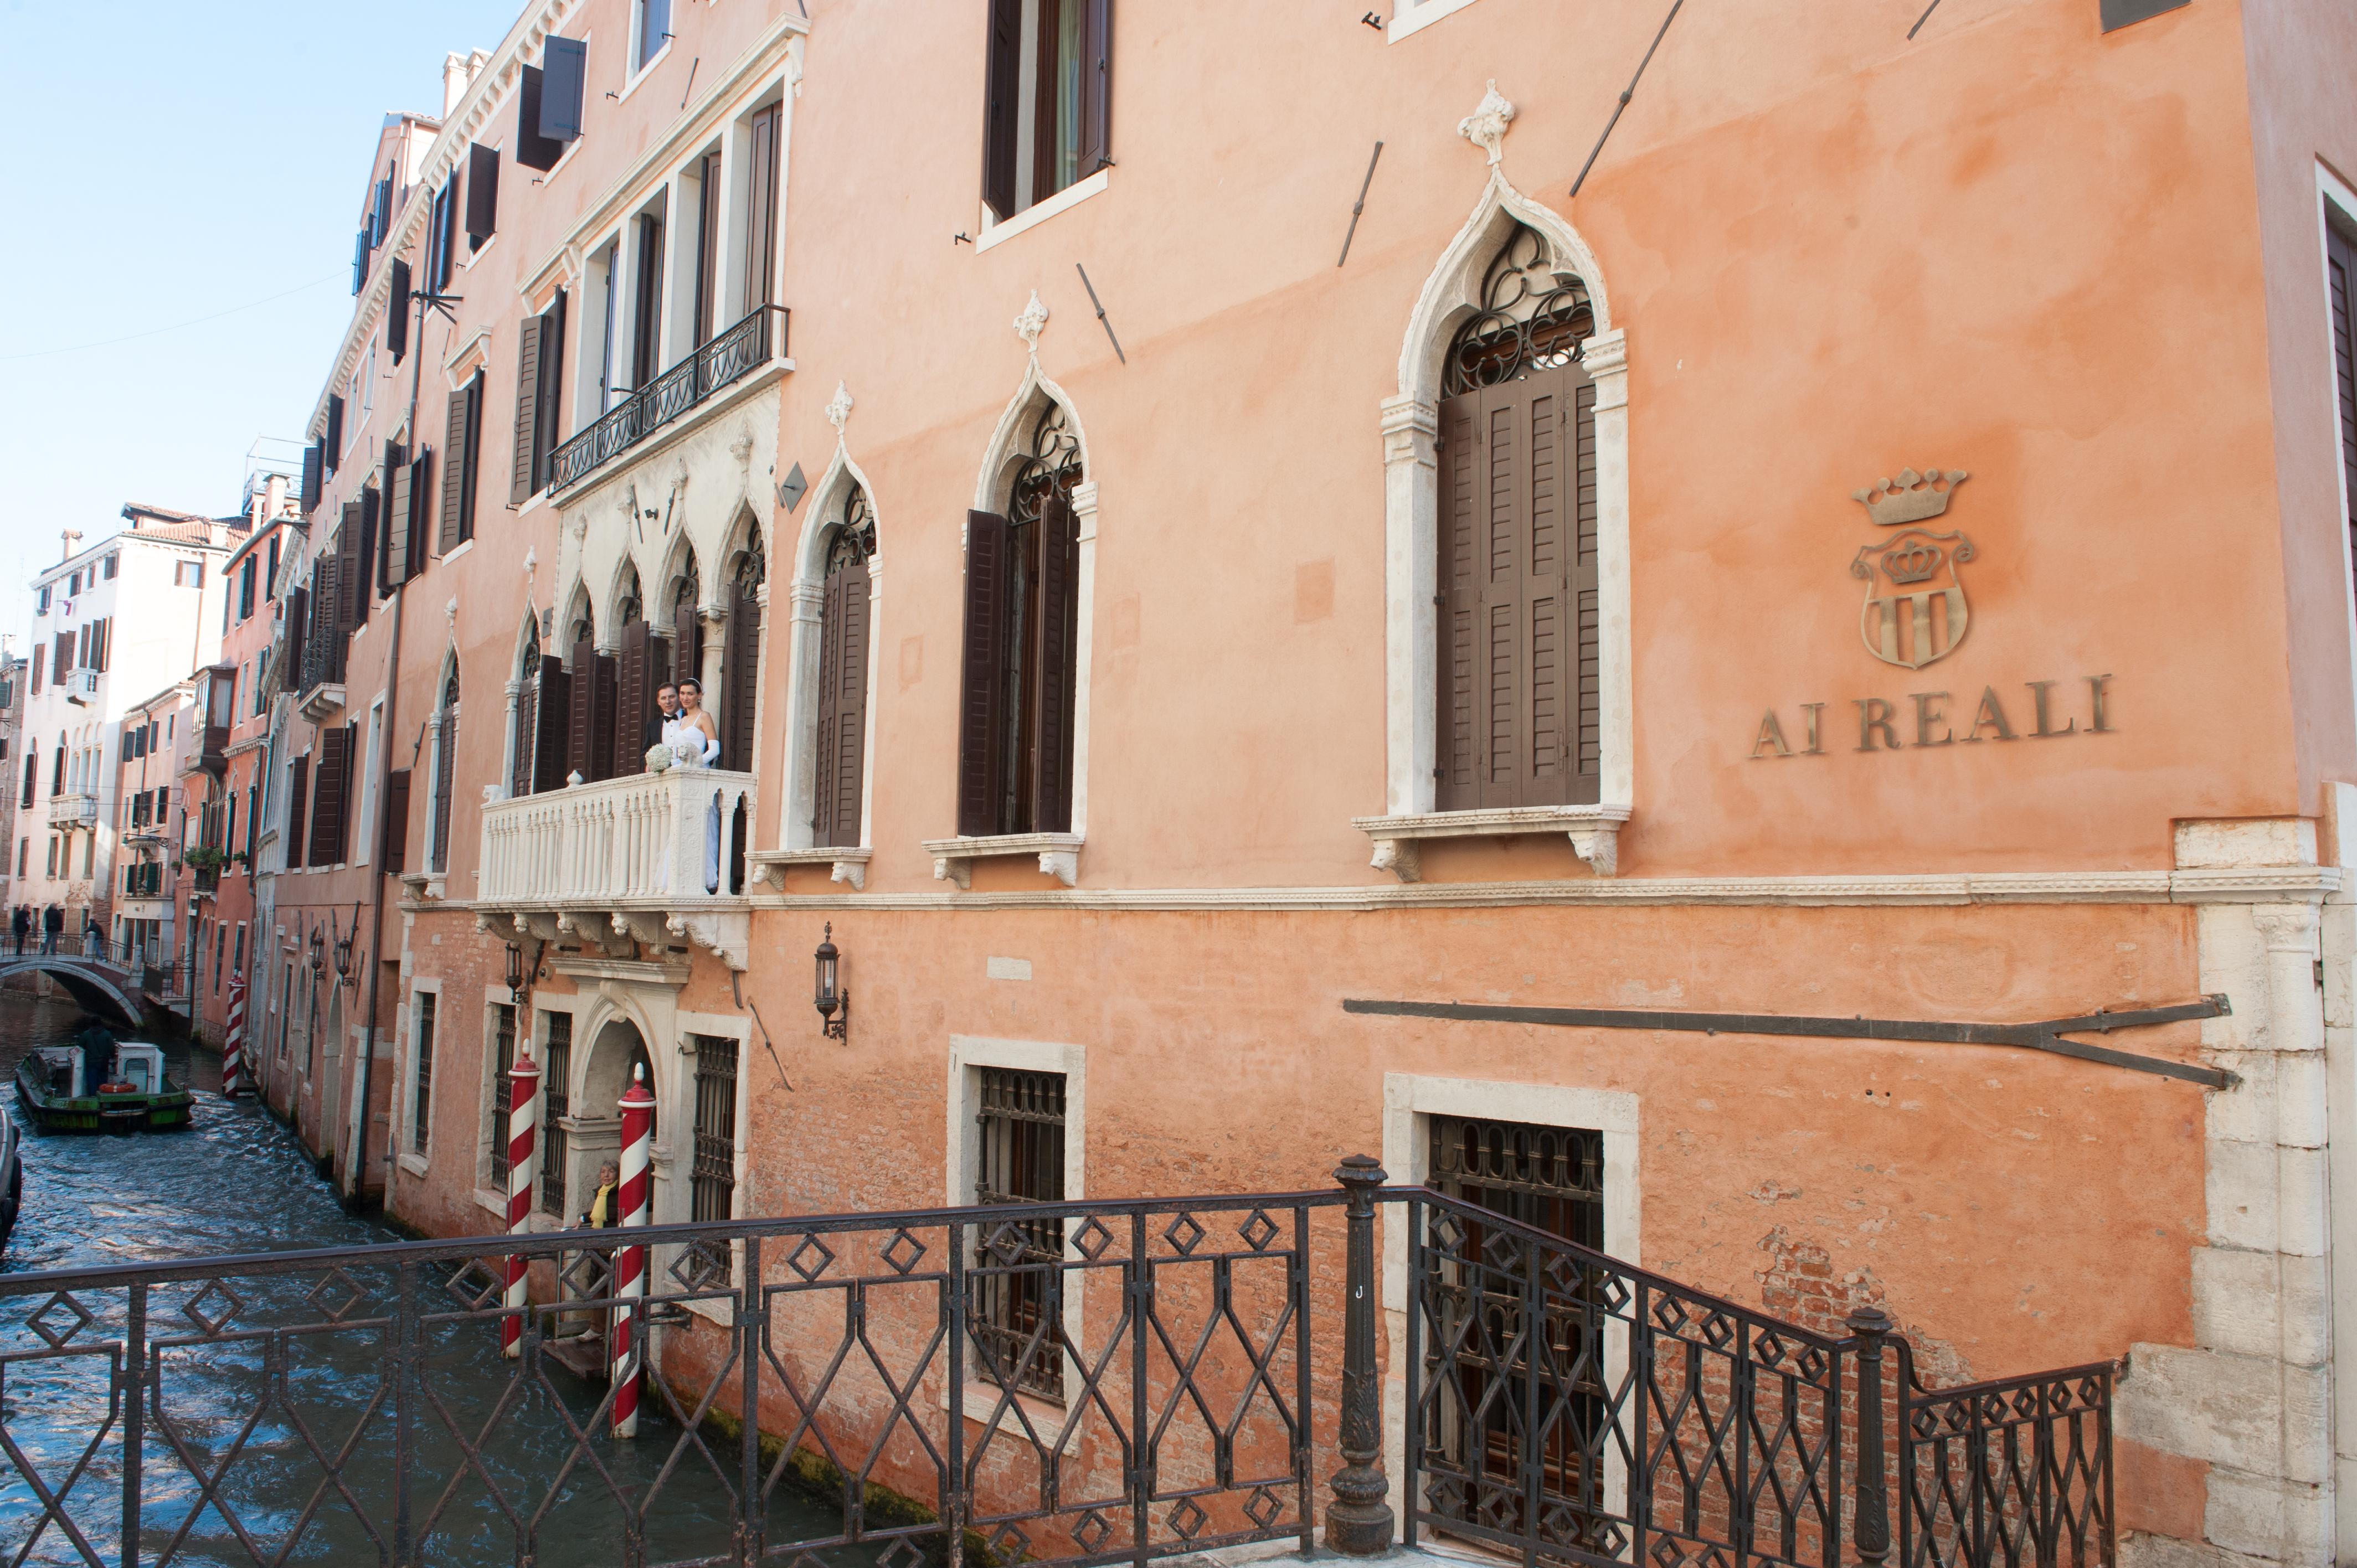 Mon mariage civil à Venise : en route pour la Mairie !